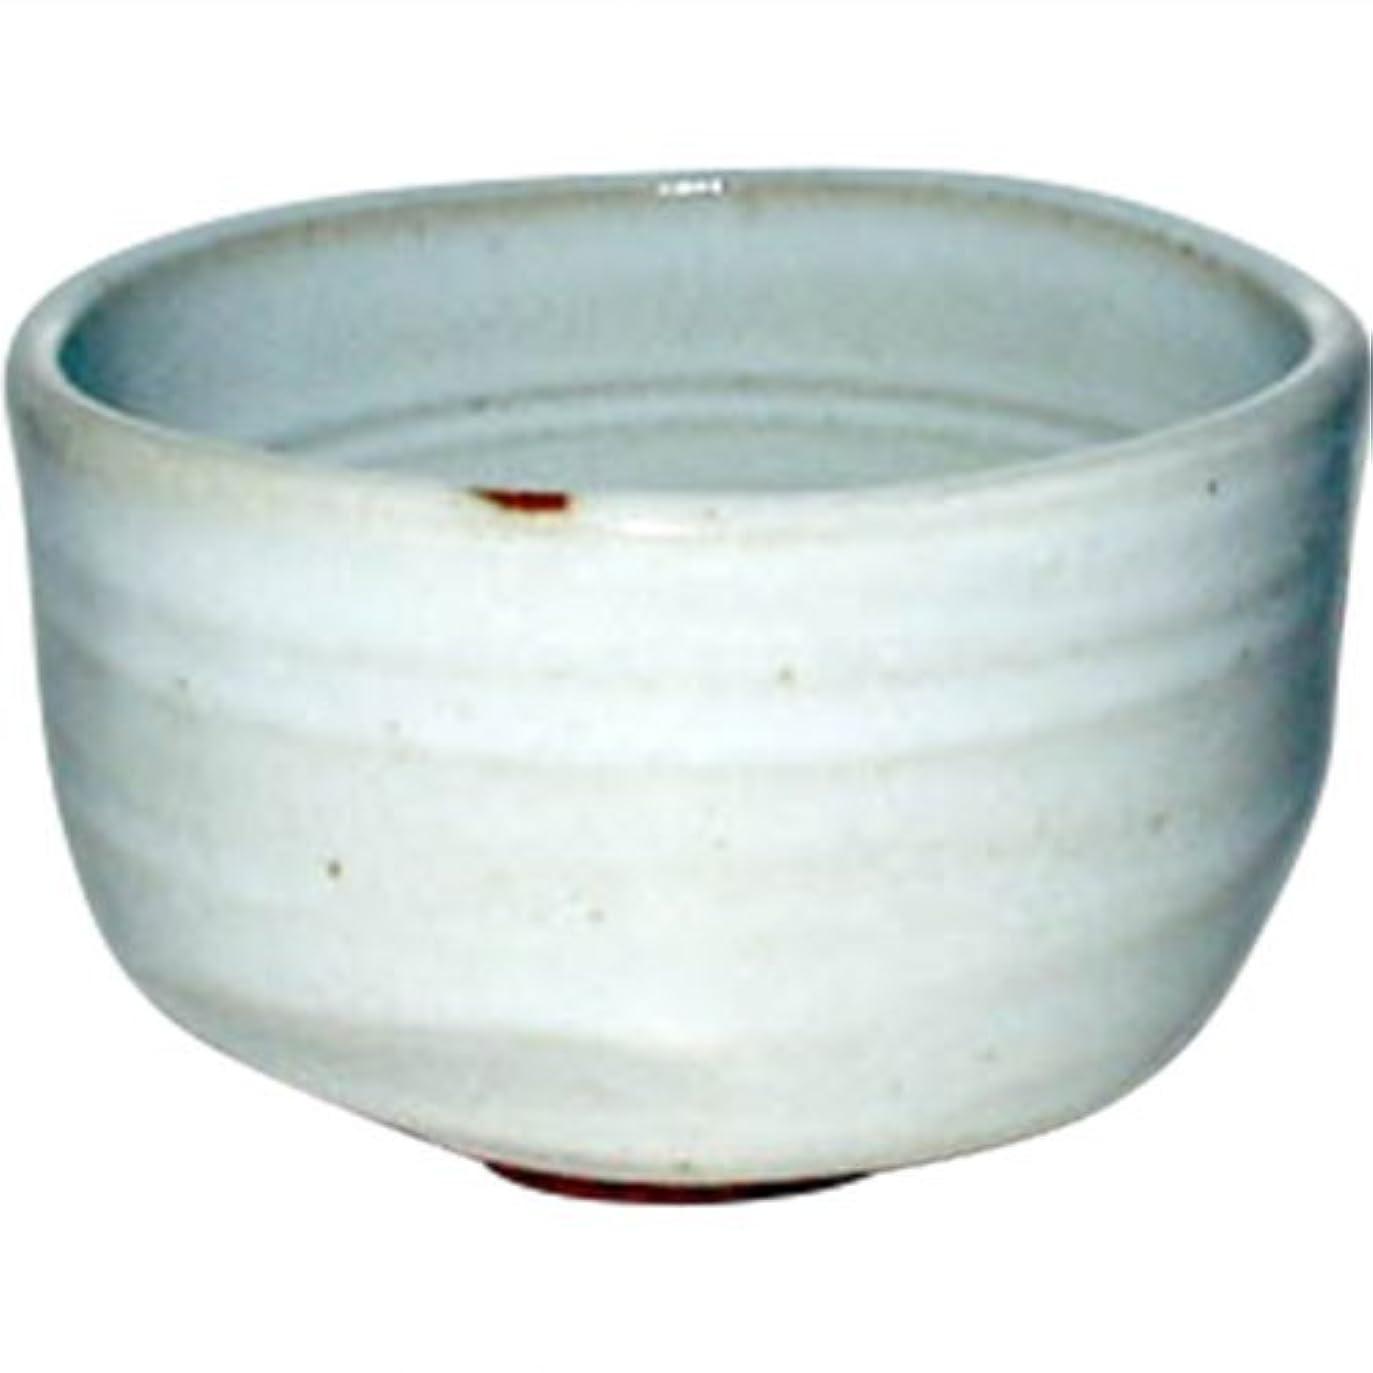 親指反対した接地抹茶茶碗 : ワラ白 野点碗/有田焼 Japanese Soup bowl Pottery/Size(cm) Φ10.2x6.2/No:318507